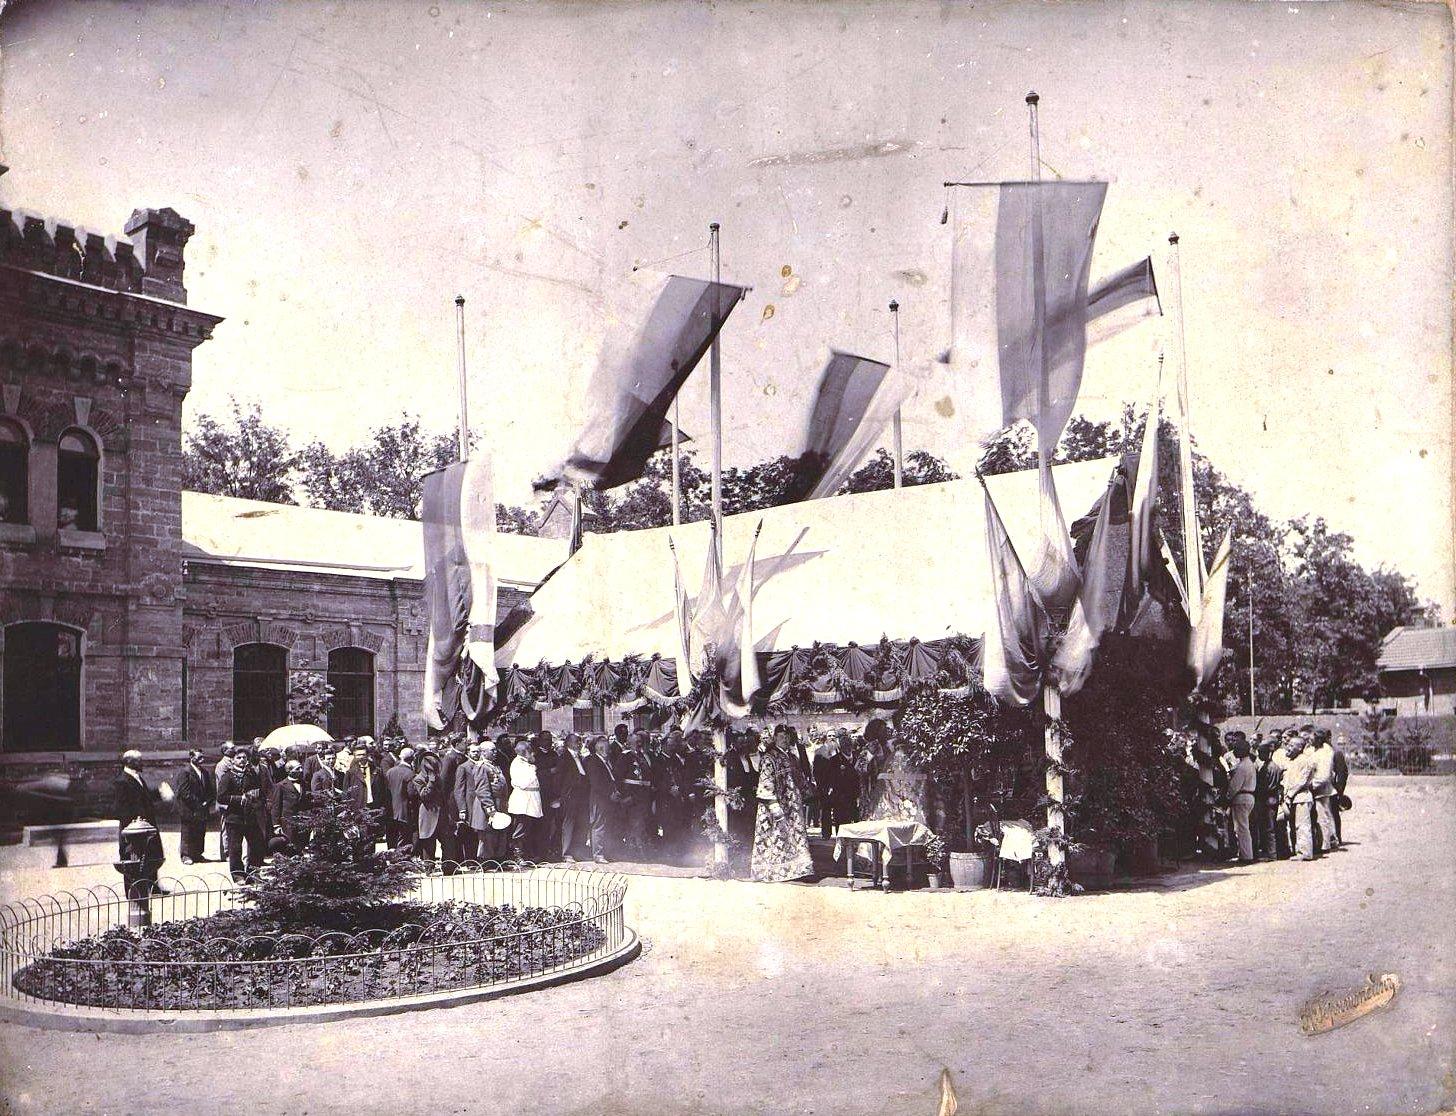 Работники Управления водопроводом, члены Городского самоуправления Одессы и рабочие во время молебна 9 мая, в день святого Николая. 1901-1903